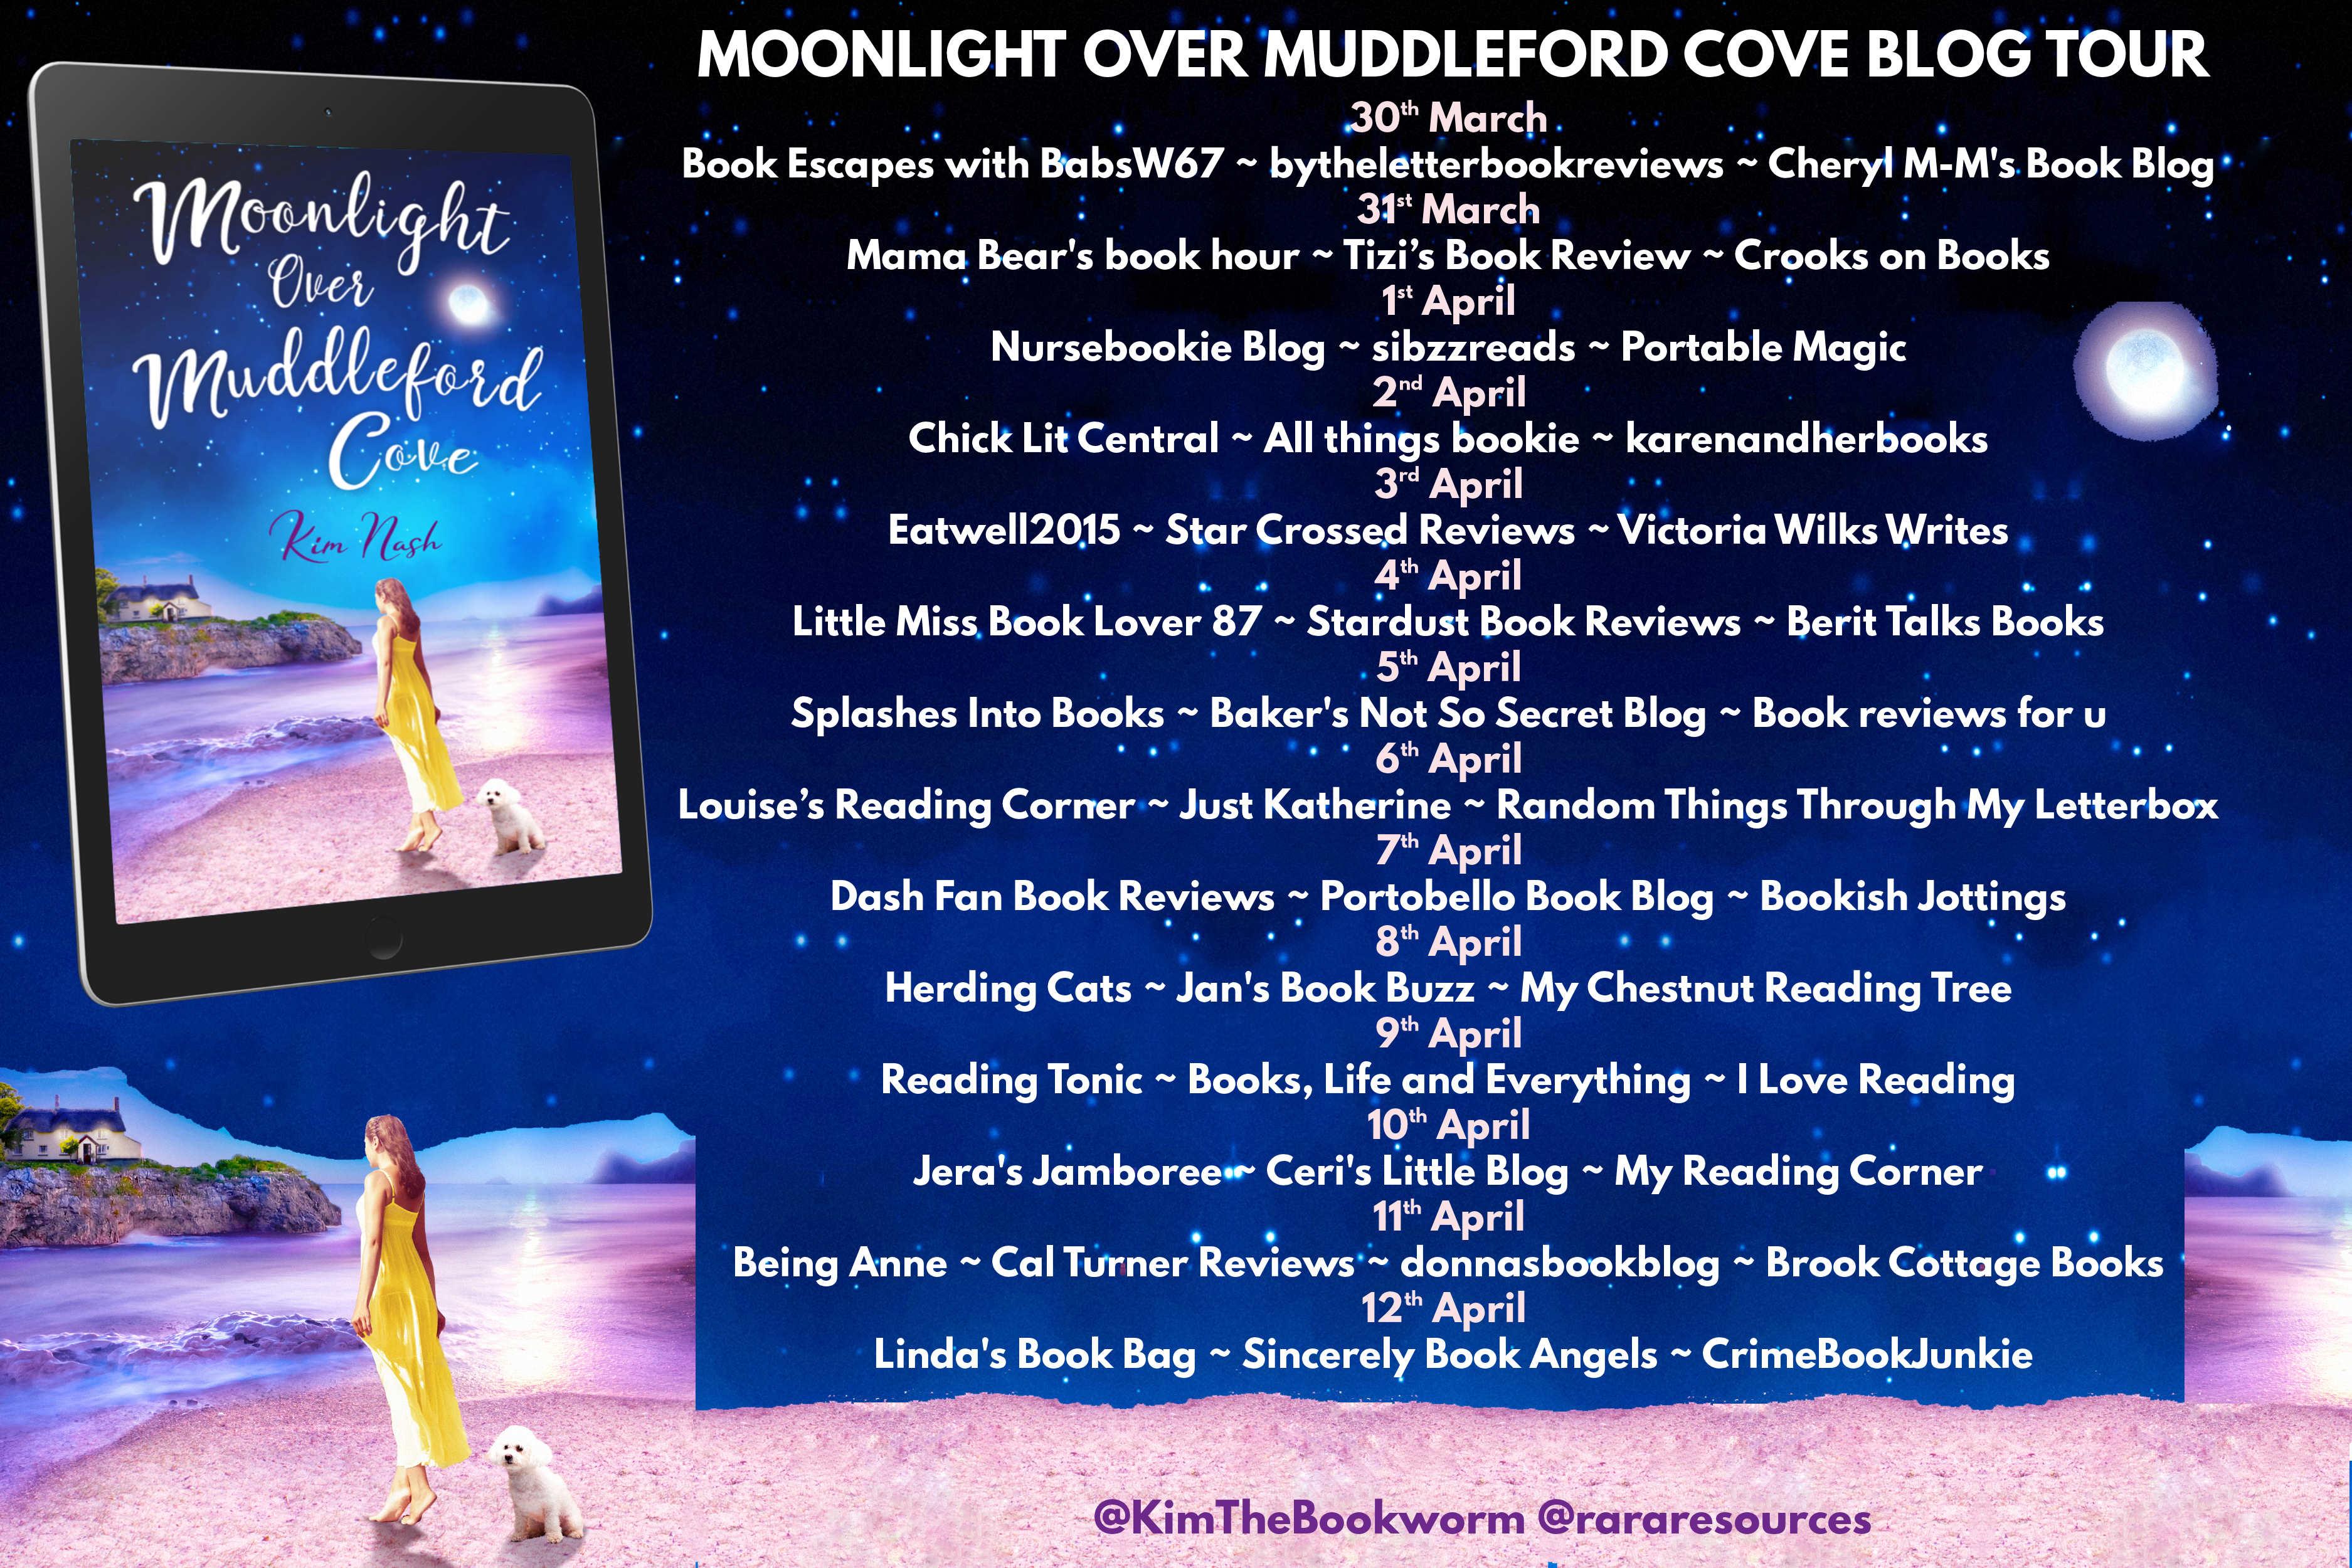 Moonlight Over Muddleford Cove Full Tour Banner